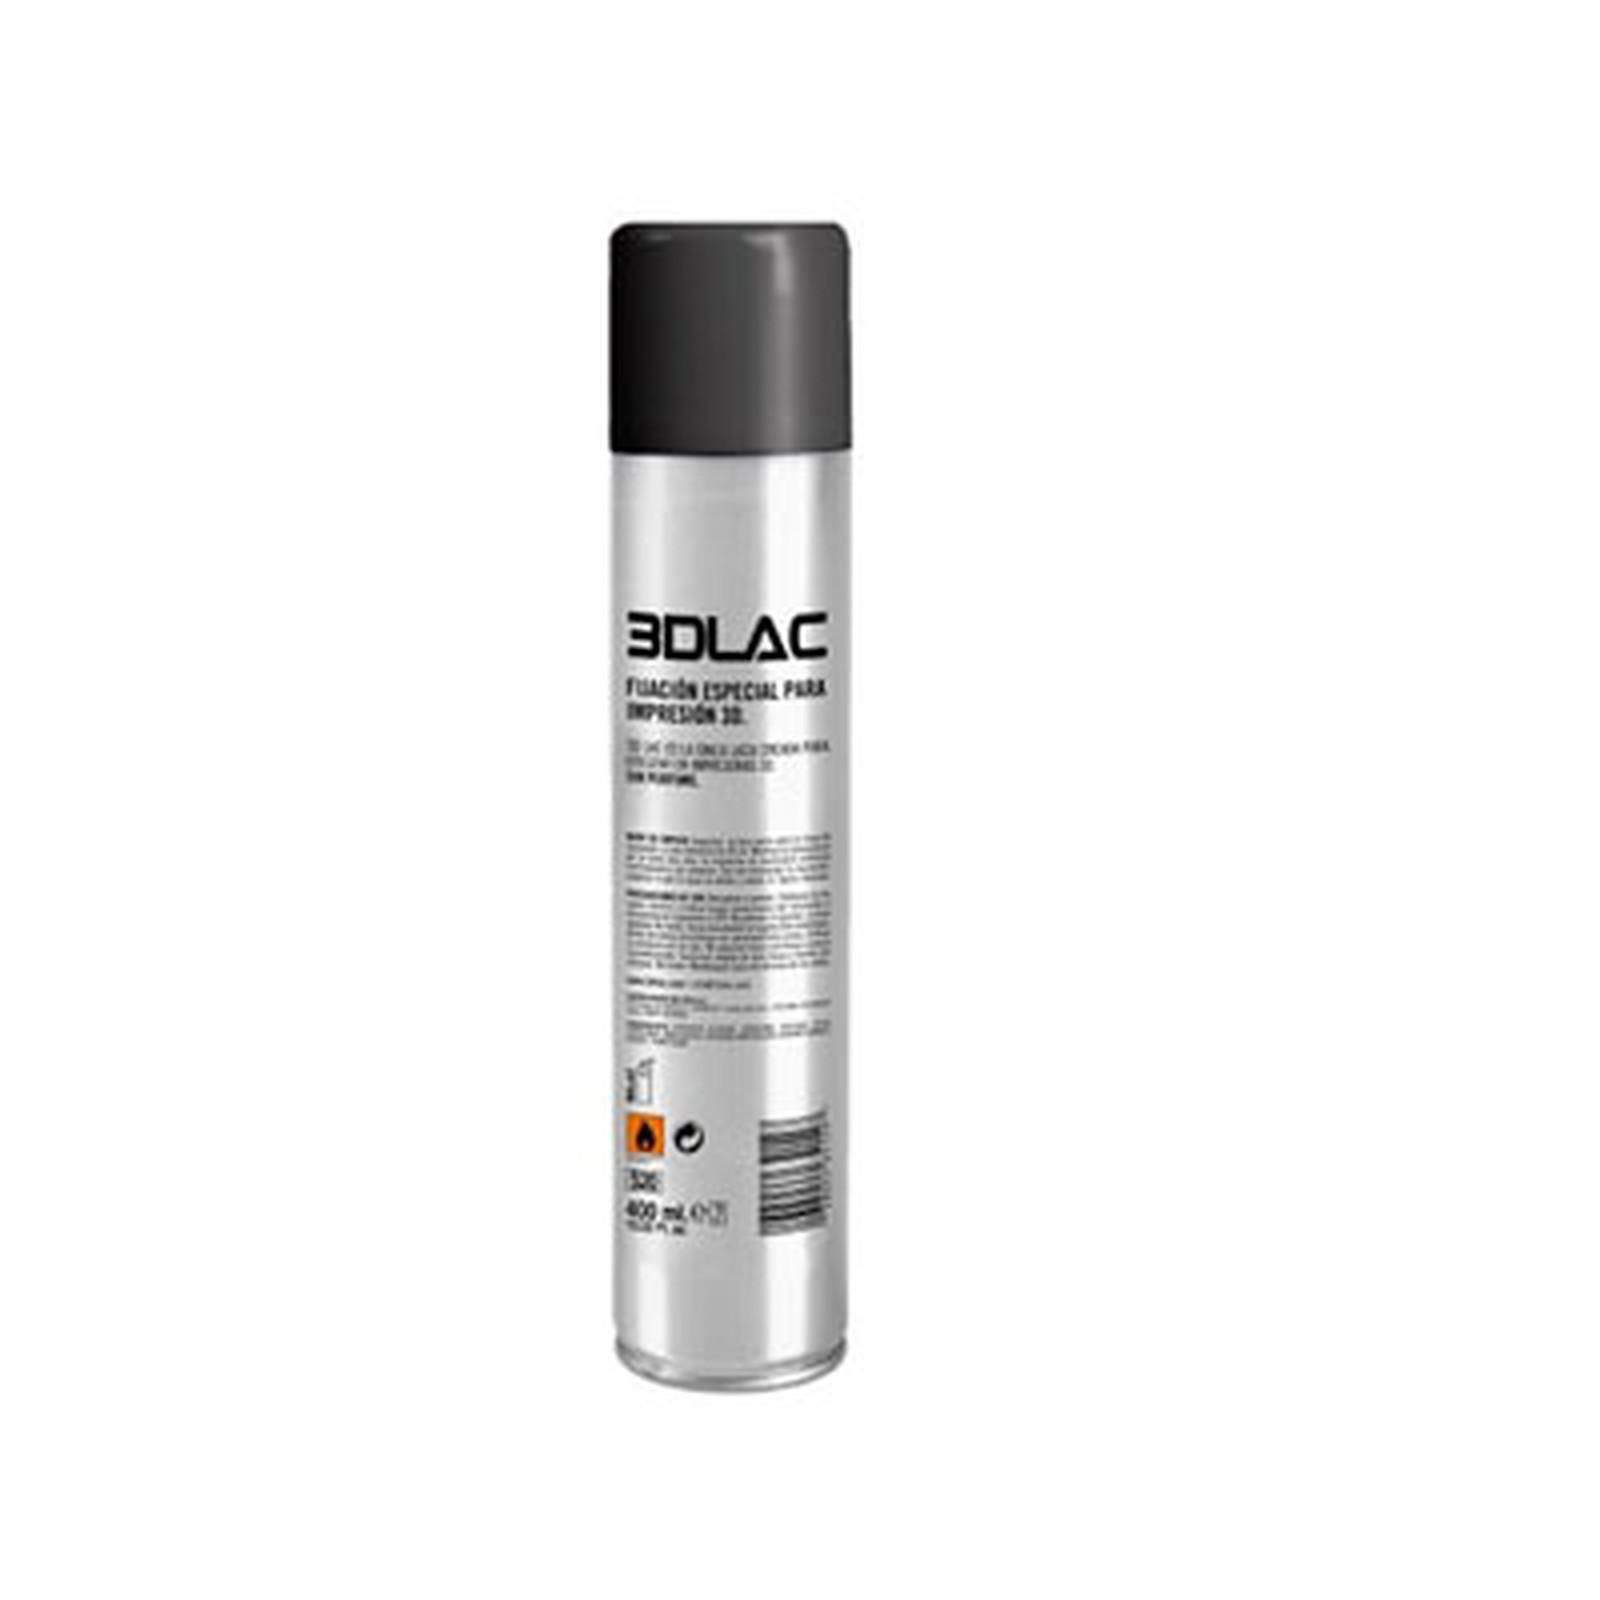 3DLAC Espray adhesivo